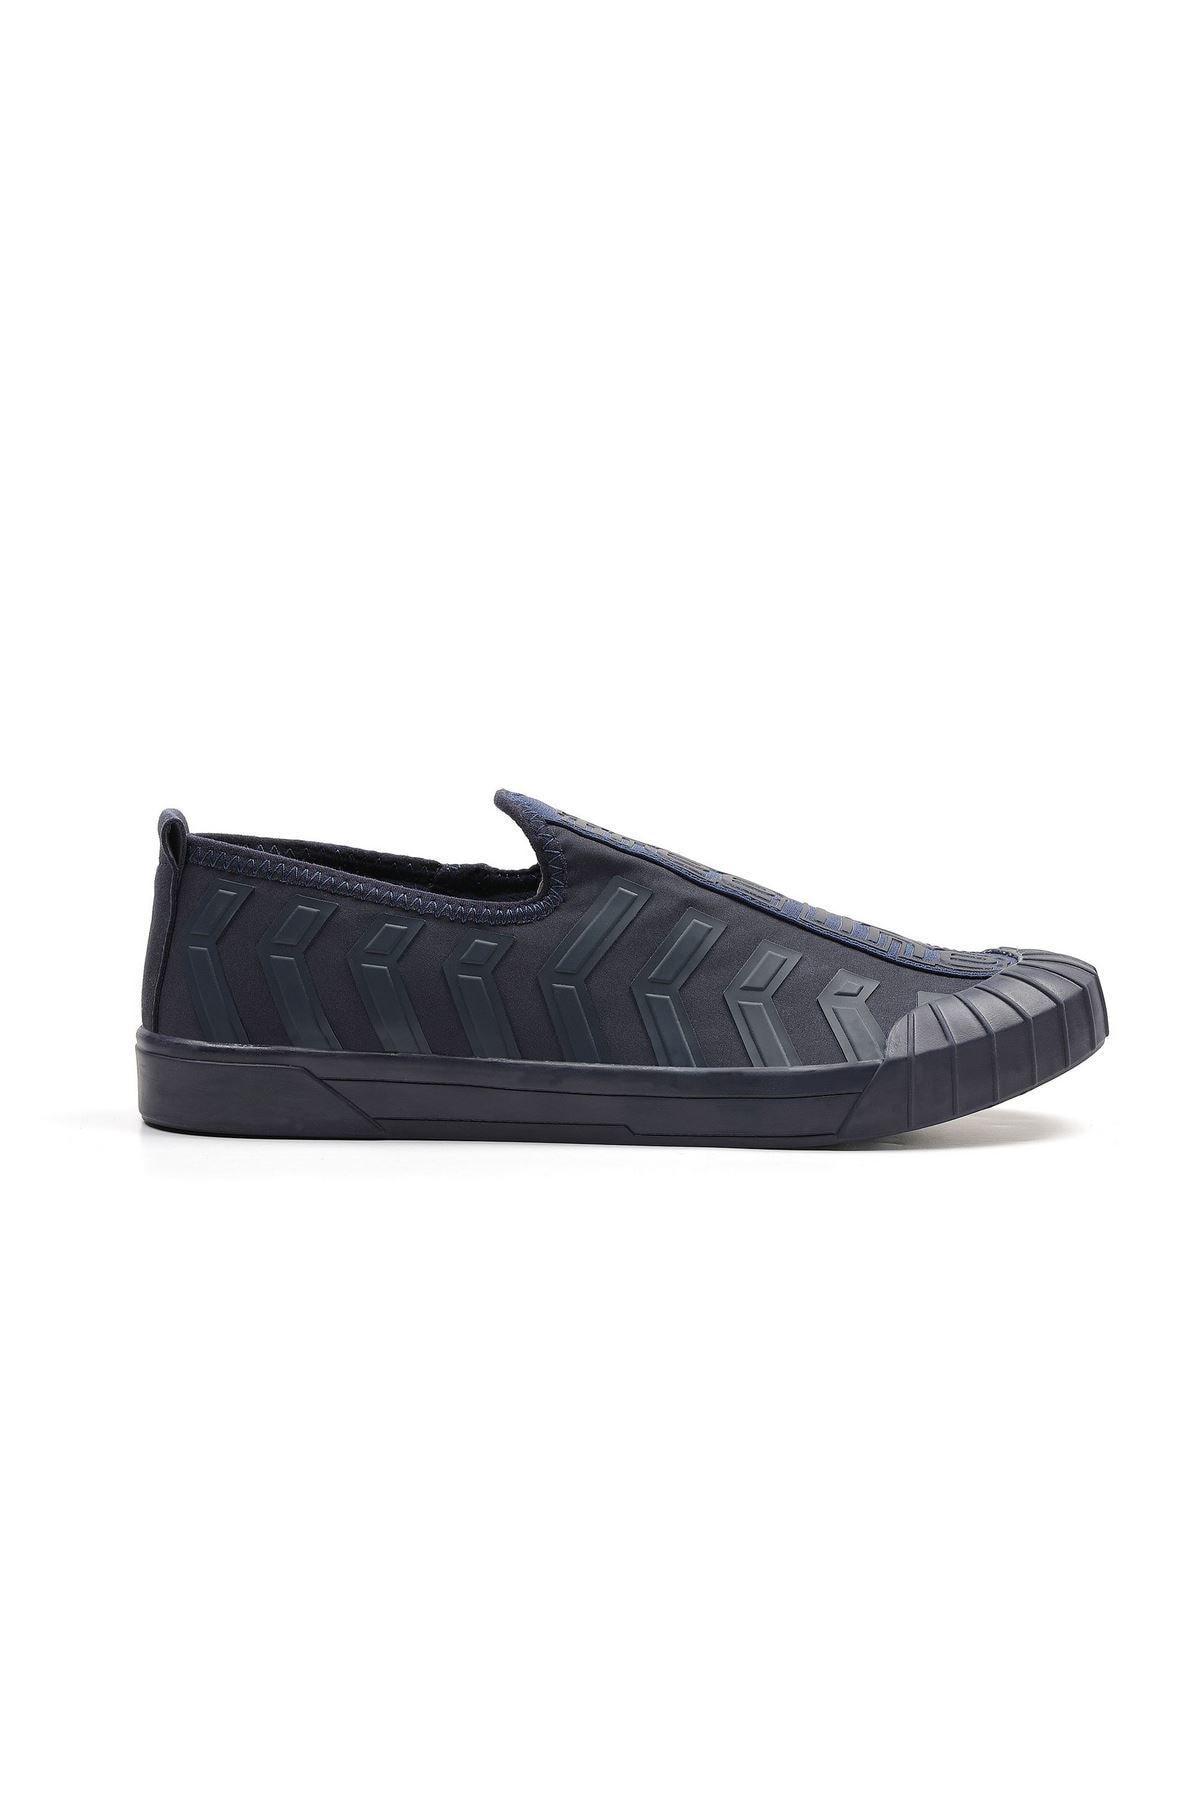 LETOON Erkek Casual Ayakkabı - 7070MR 1